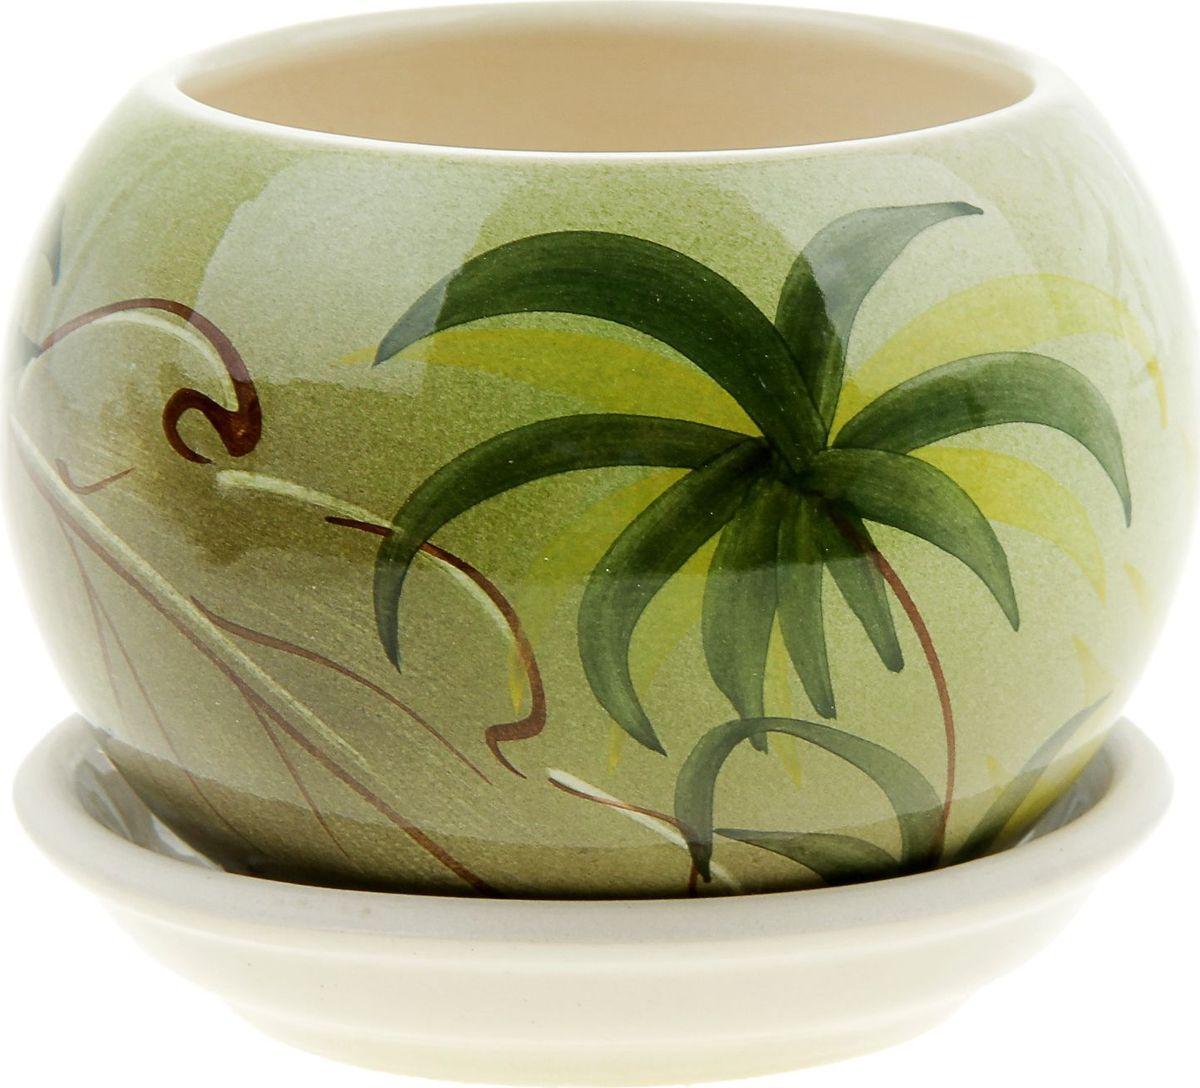 Кашпо Керамика ручной работы Шар. Баунти, 0,4 л835631Комнатные растения — всеобщие любимцы. Они радуют глаз, насыщают помещение кислородом и украшают пространство. Каждому из них необходим свой удобный и красивый дом. Кашпо из керамики прекрасно подходят для высадки растений: за счет пластичности глины и разных способов обработки существует великое множество форм и дизайнов пористый материал позволяет испаряться лишней влаге воздух, необходимый для дыхания корней, проникает сквозь керамические стенки! позаботится о зеленом питомце, освежит интерьер и подчеркнет его стиль.